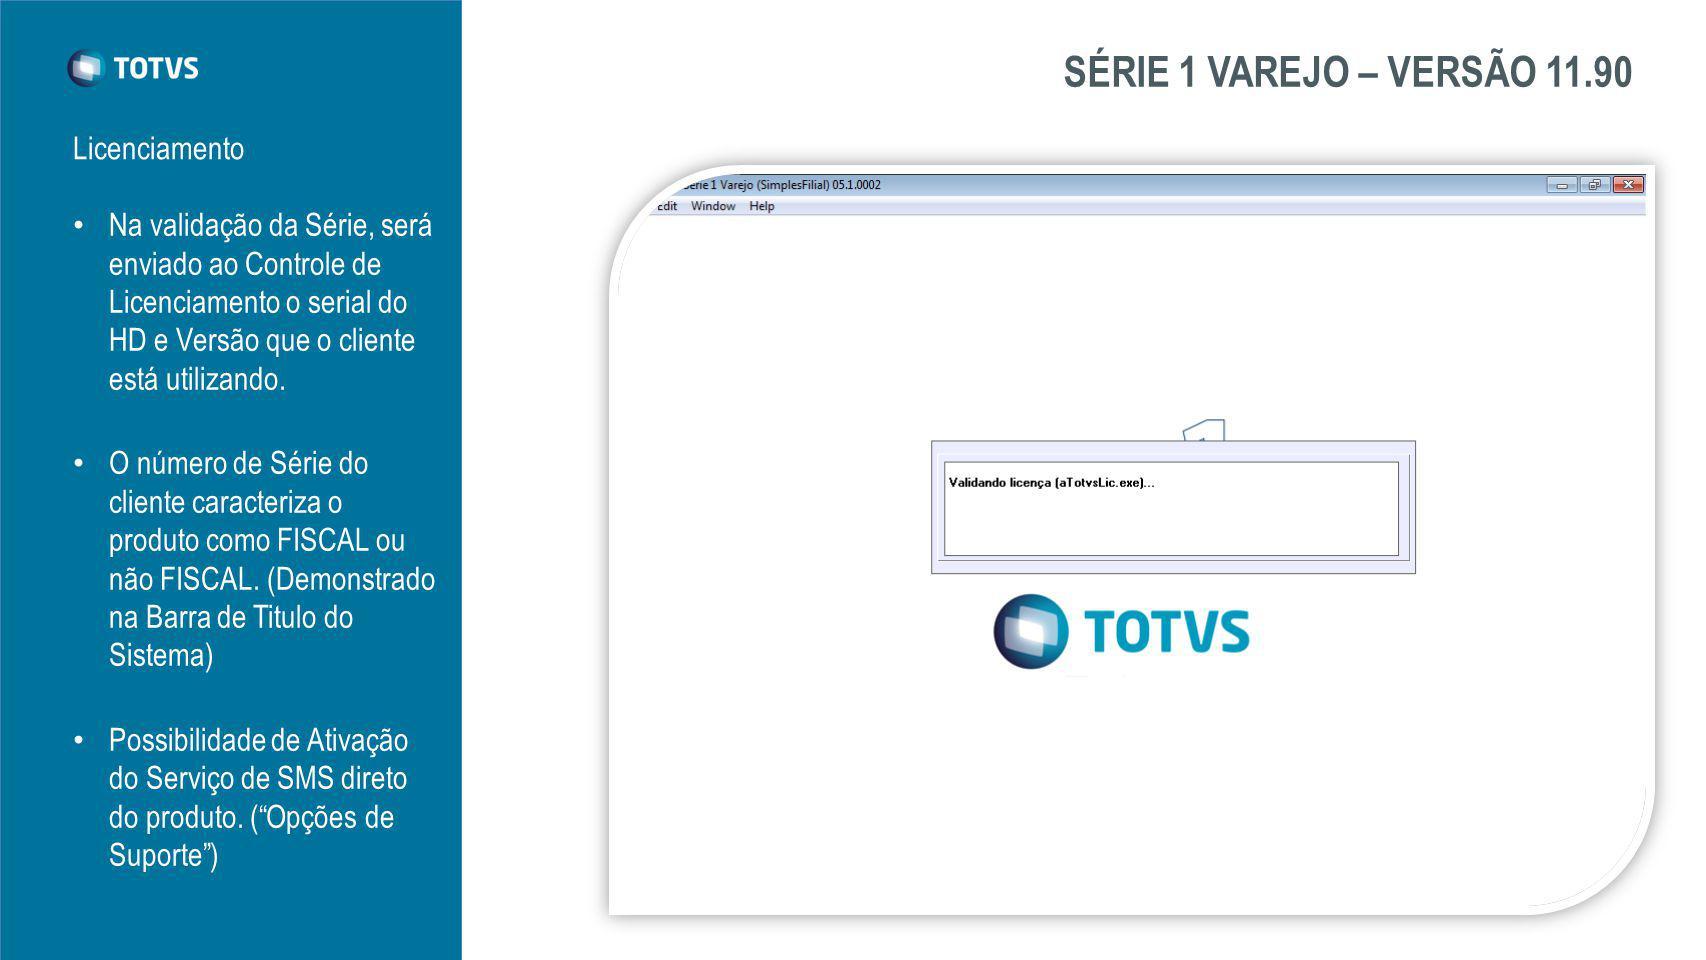 SÉRIE 1 VAREJO – VERSÃO 11.90 Licenciamento Na validação da Série, será enviado ao Controle de Licenciamento o serial do HD e Versão que o cliente está utilizando.